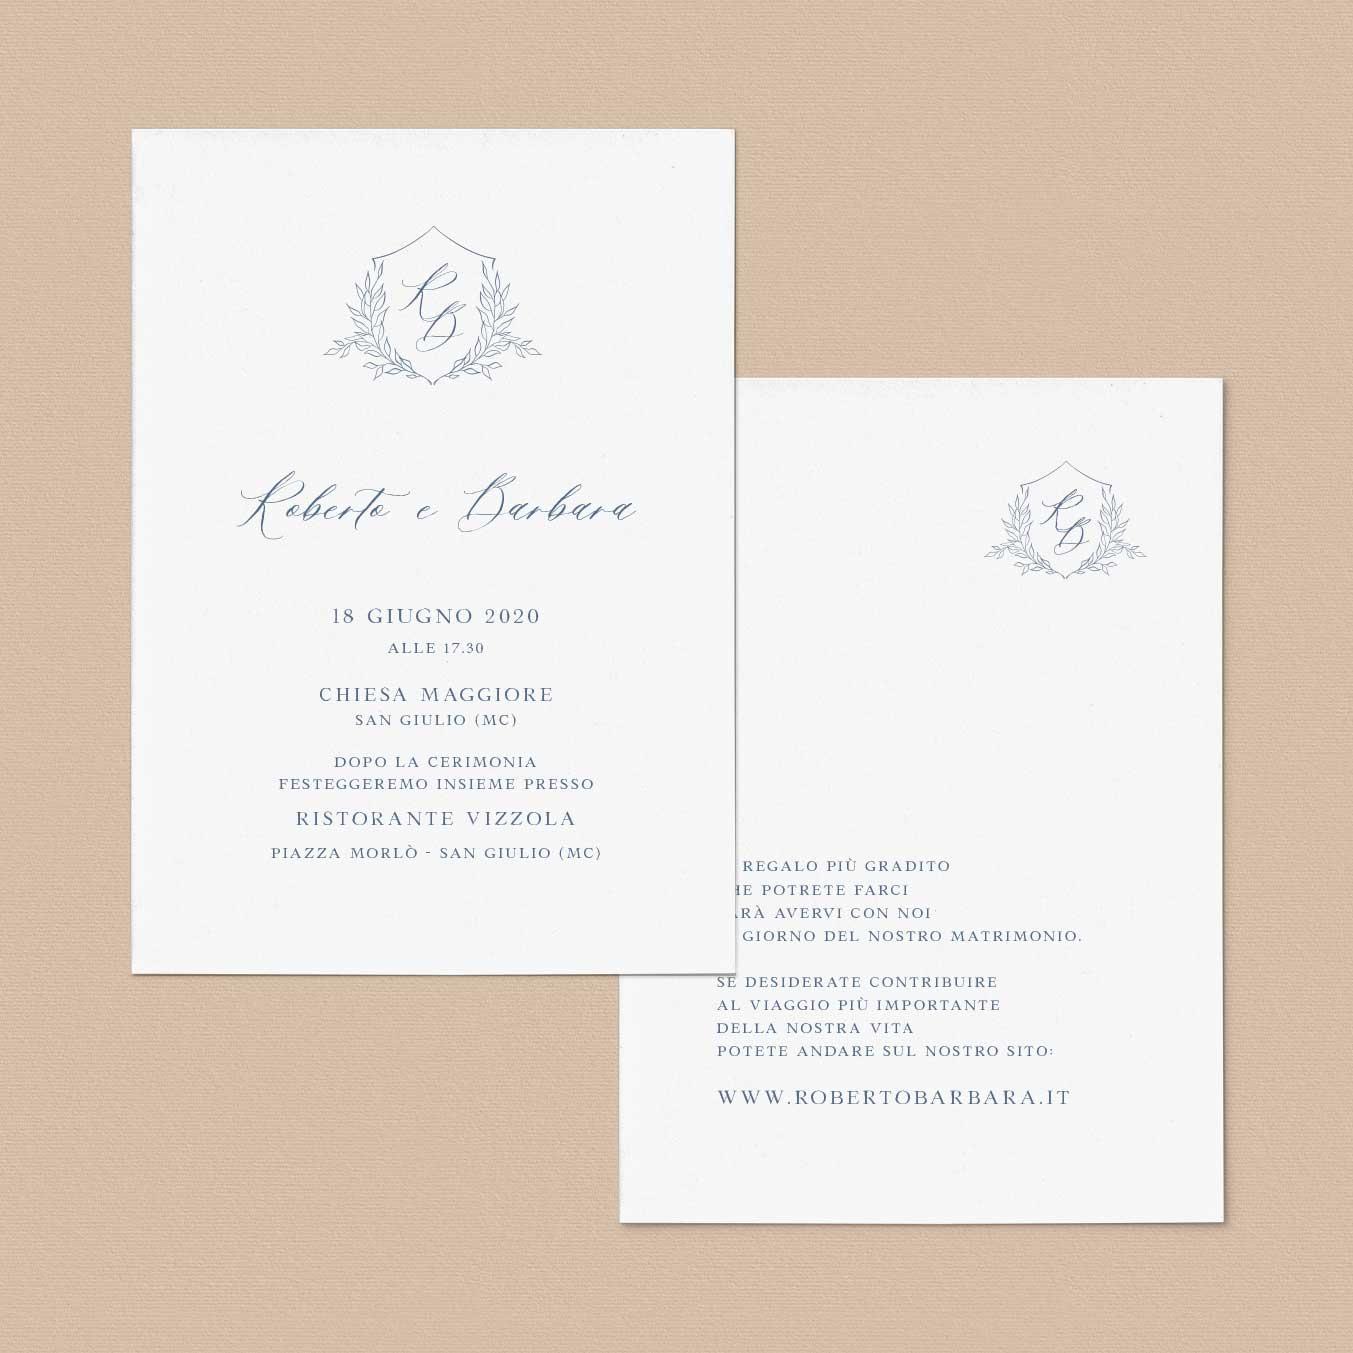 Invito-matrimonio-stemma-rustico-vintage-personalizzato-partecipazioni-nozze-2020